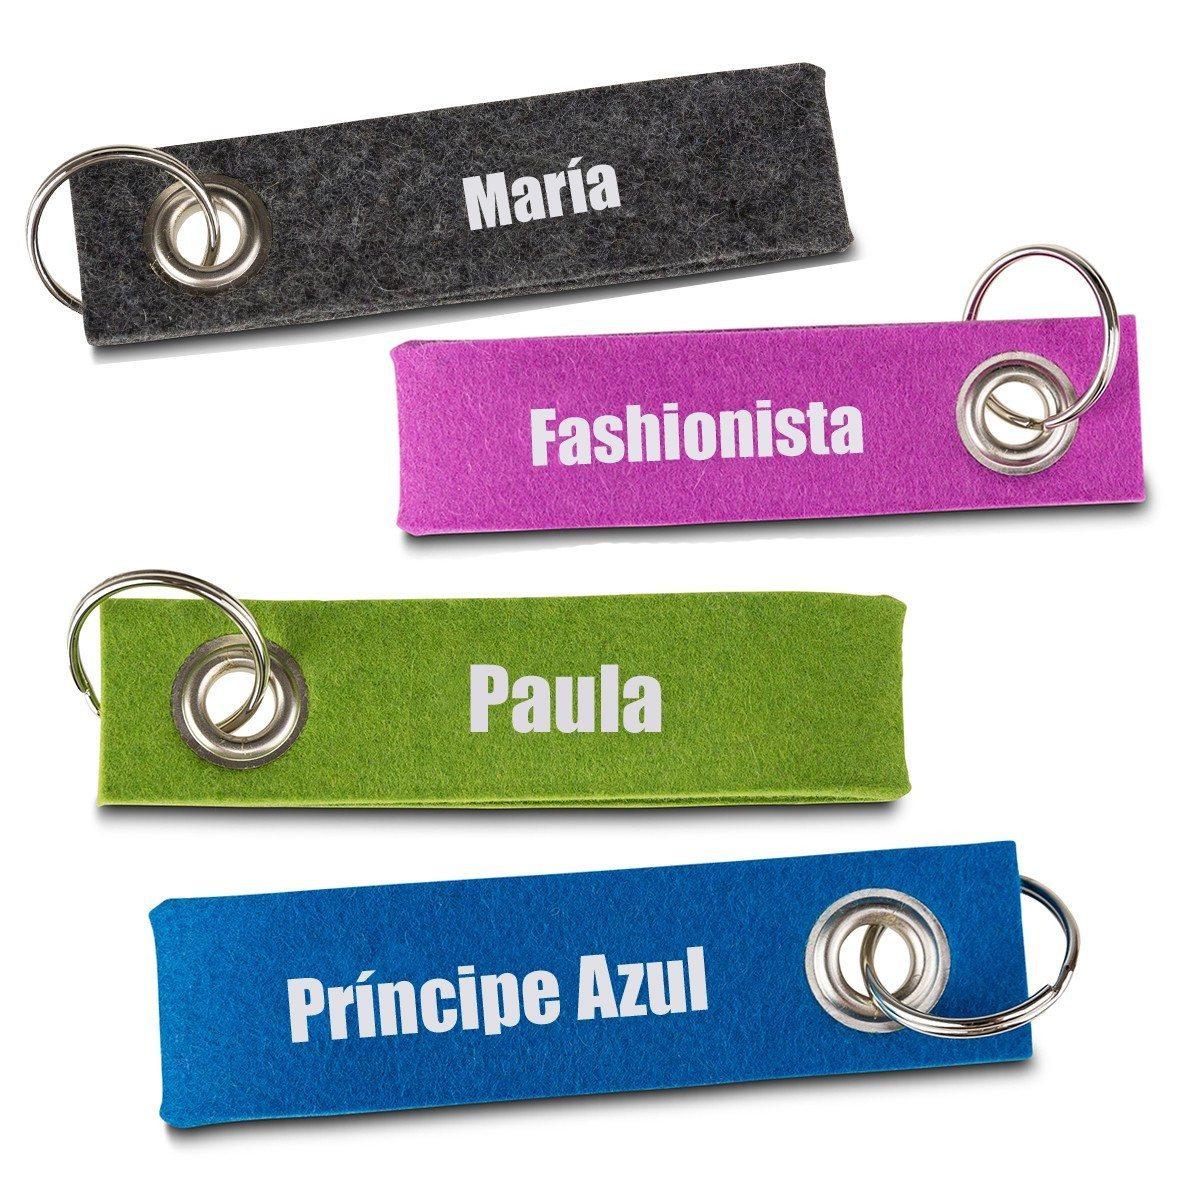 Llavero de fieltro personalizable - Escoge tu color